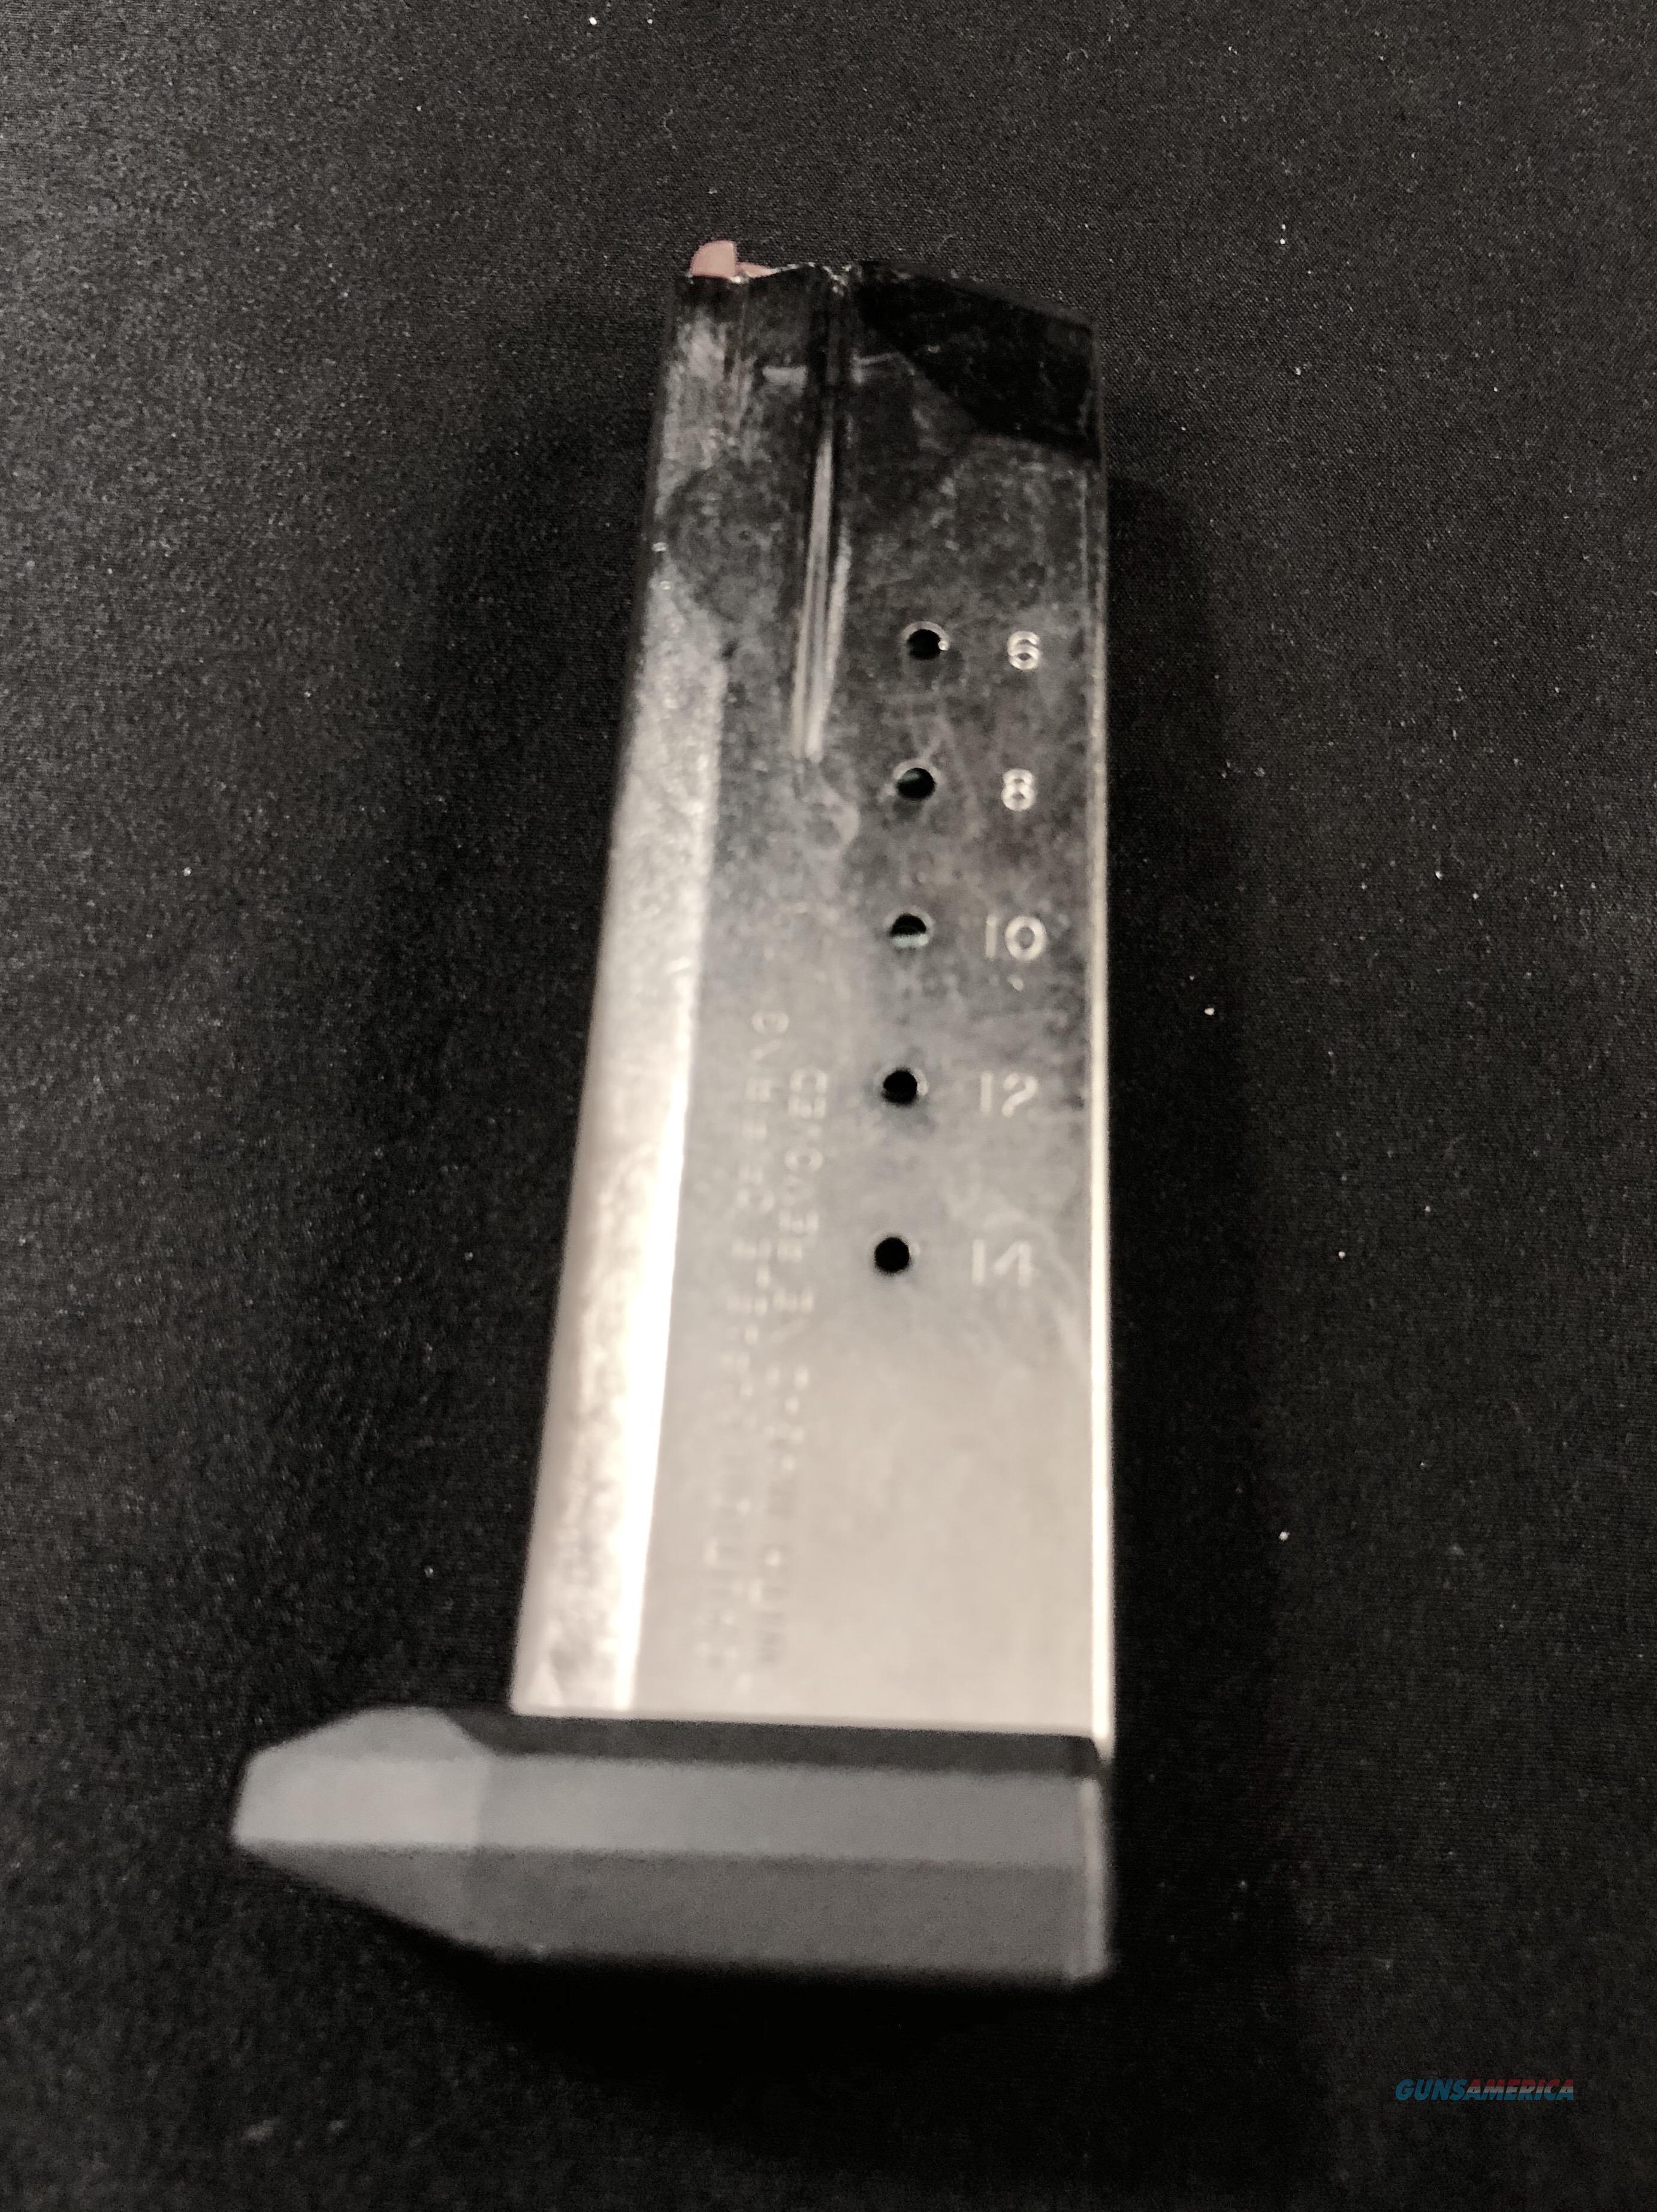 Smith & Wesson SW40F 15 Round Magazine Clip USED  Non-Guns > Magazines & Clips > Pistol Magazines > Smith & Wesson